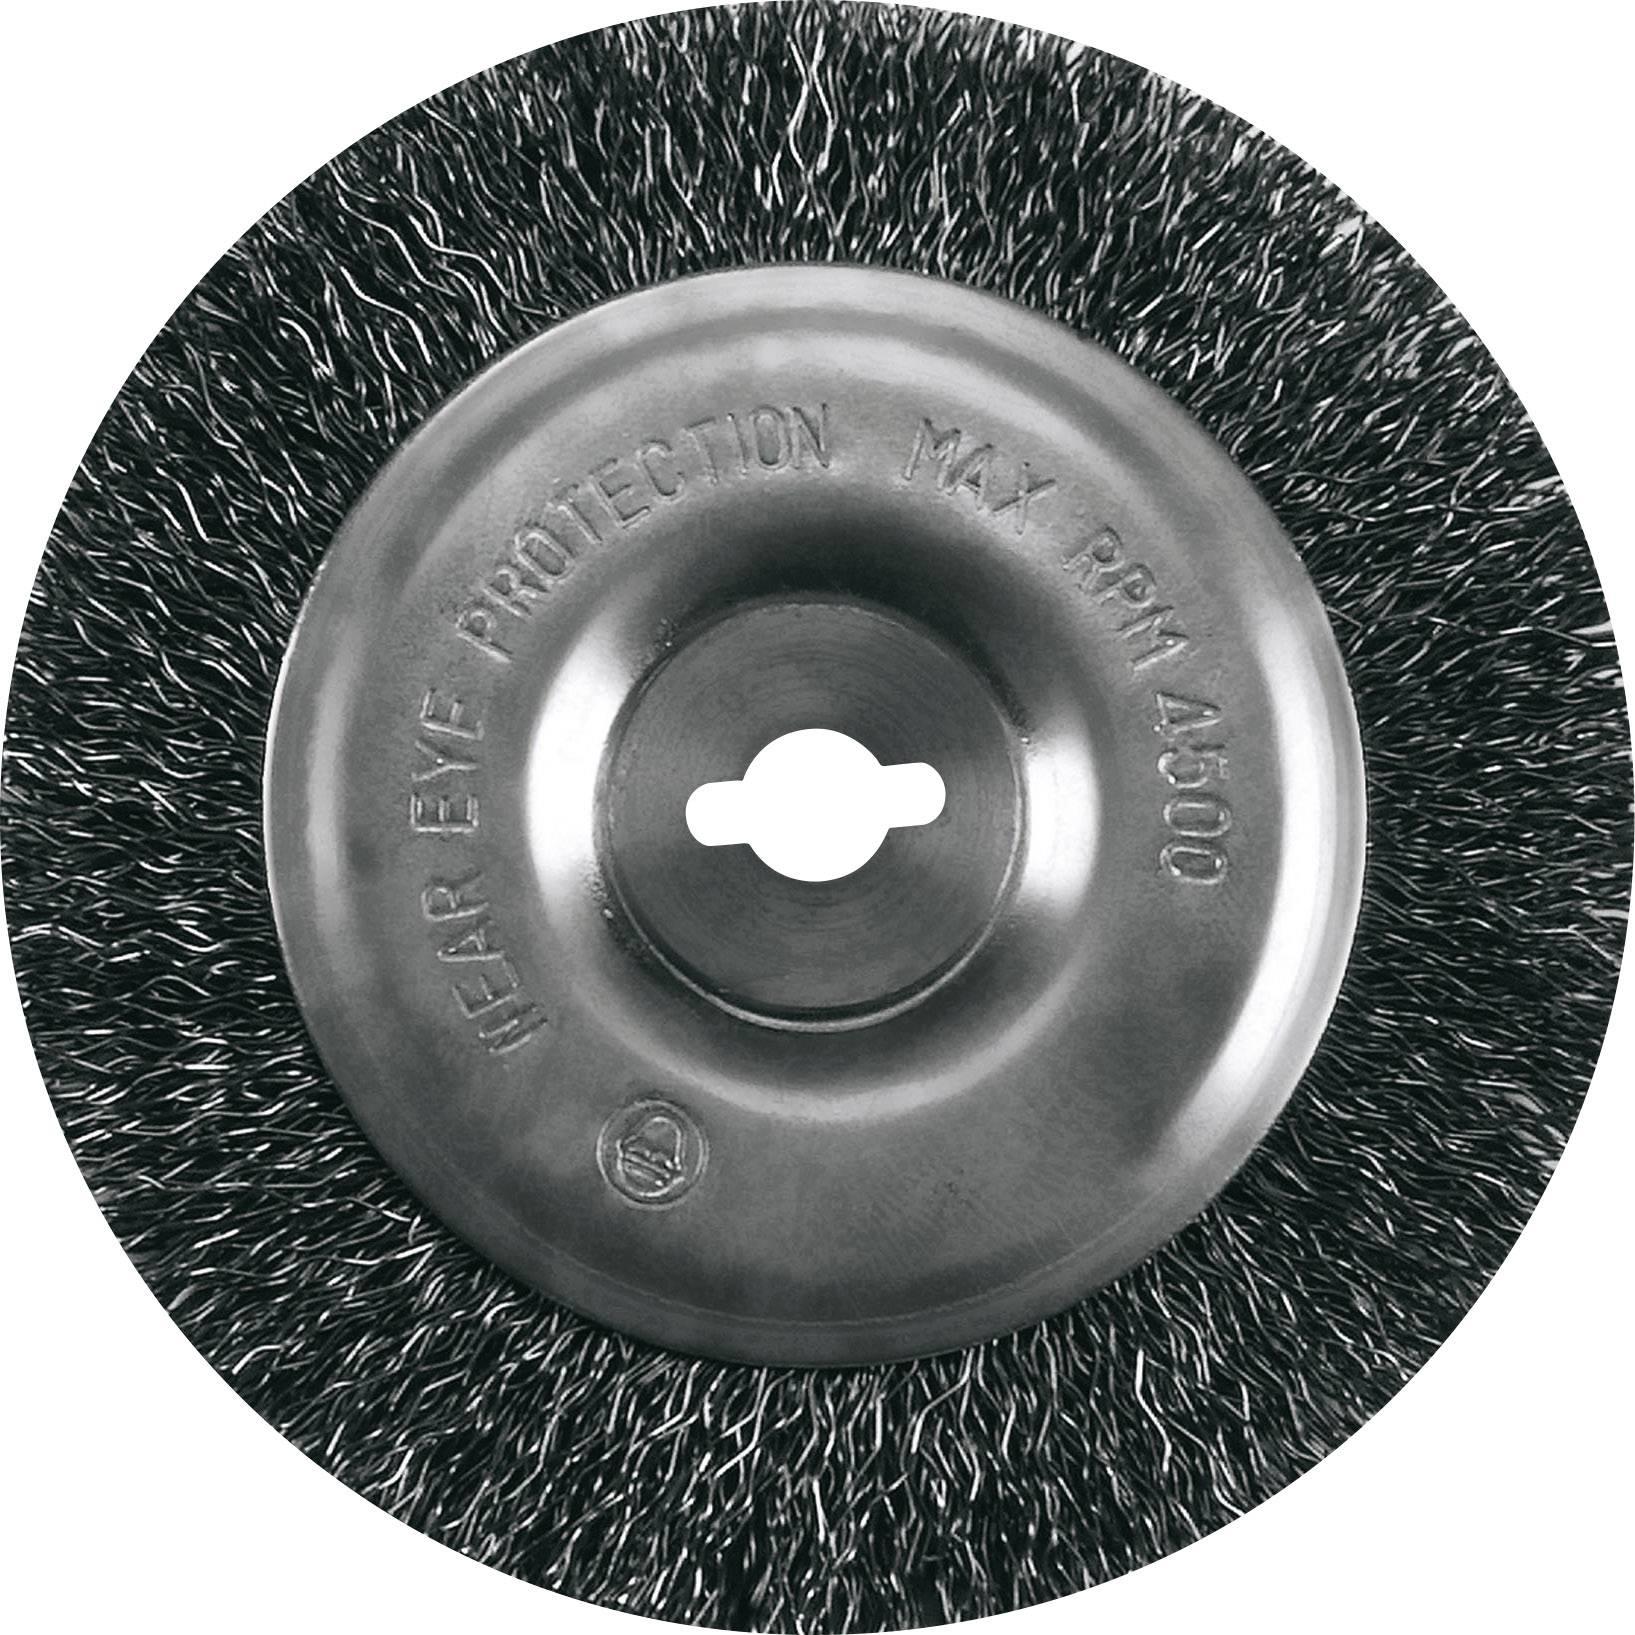 Náhradní kotouč pro čistič spár Einhell BG-EC 1410, kov